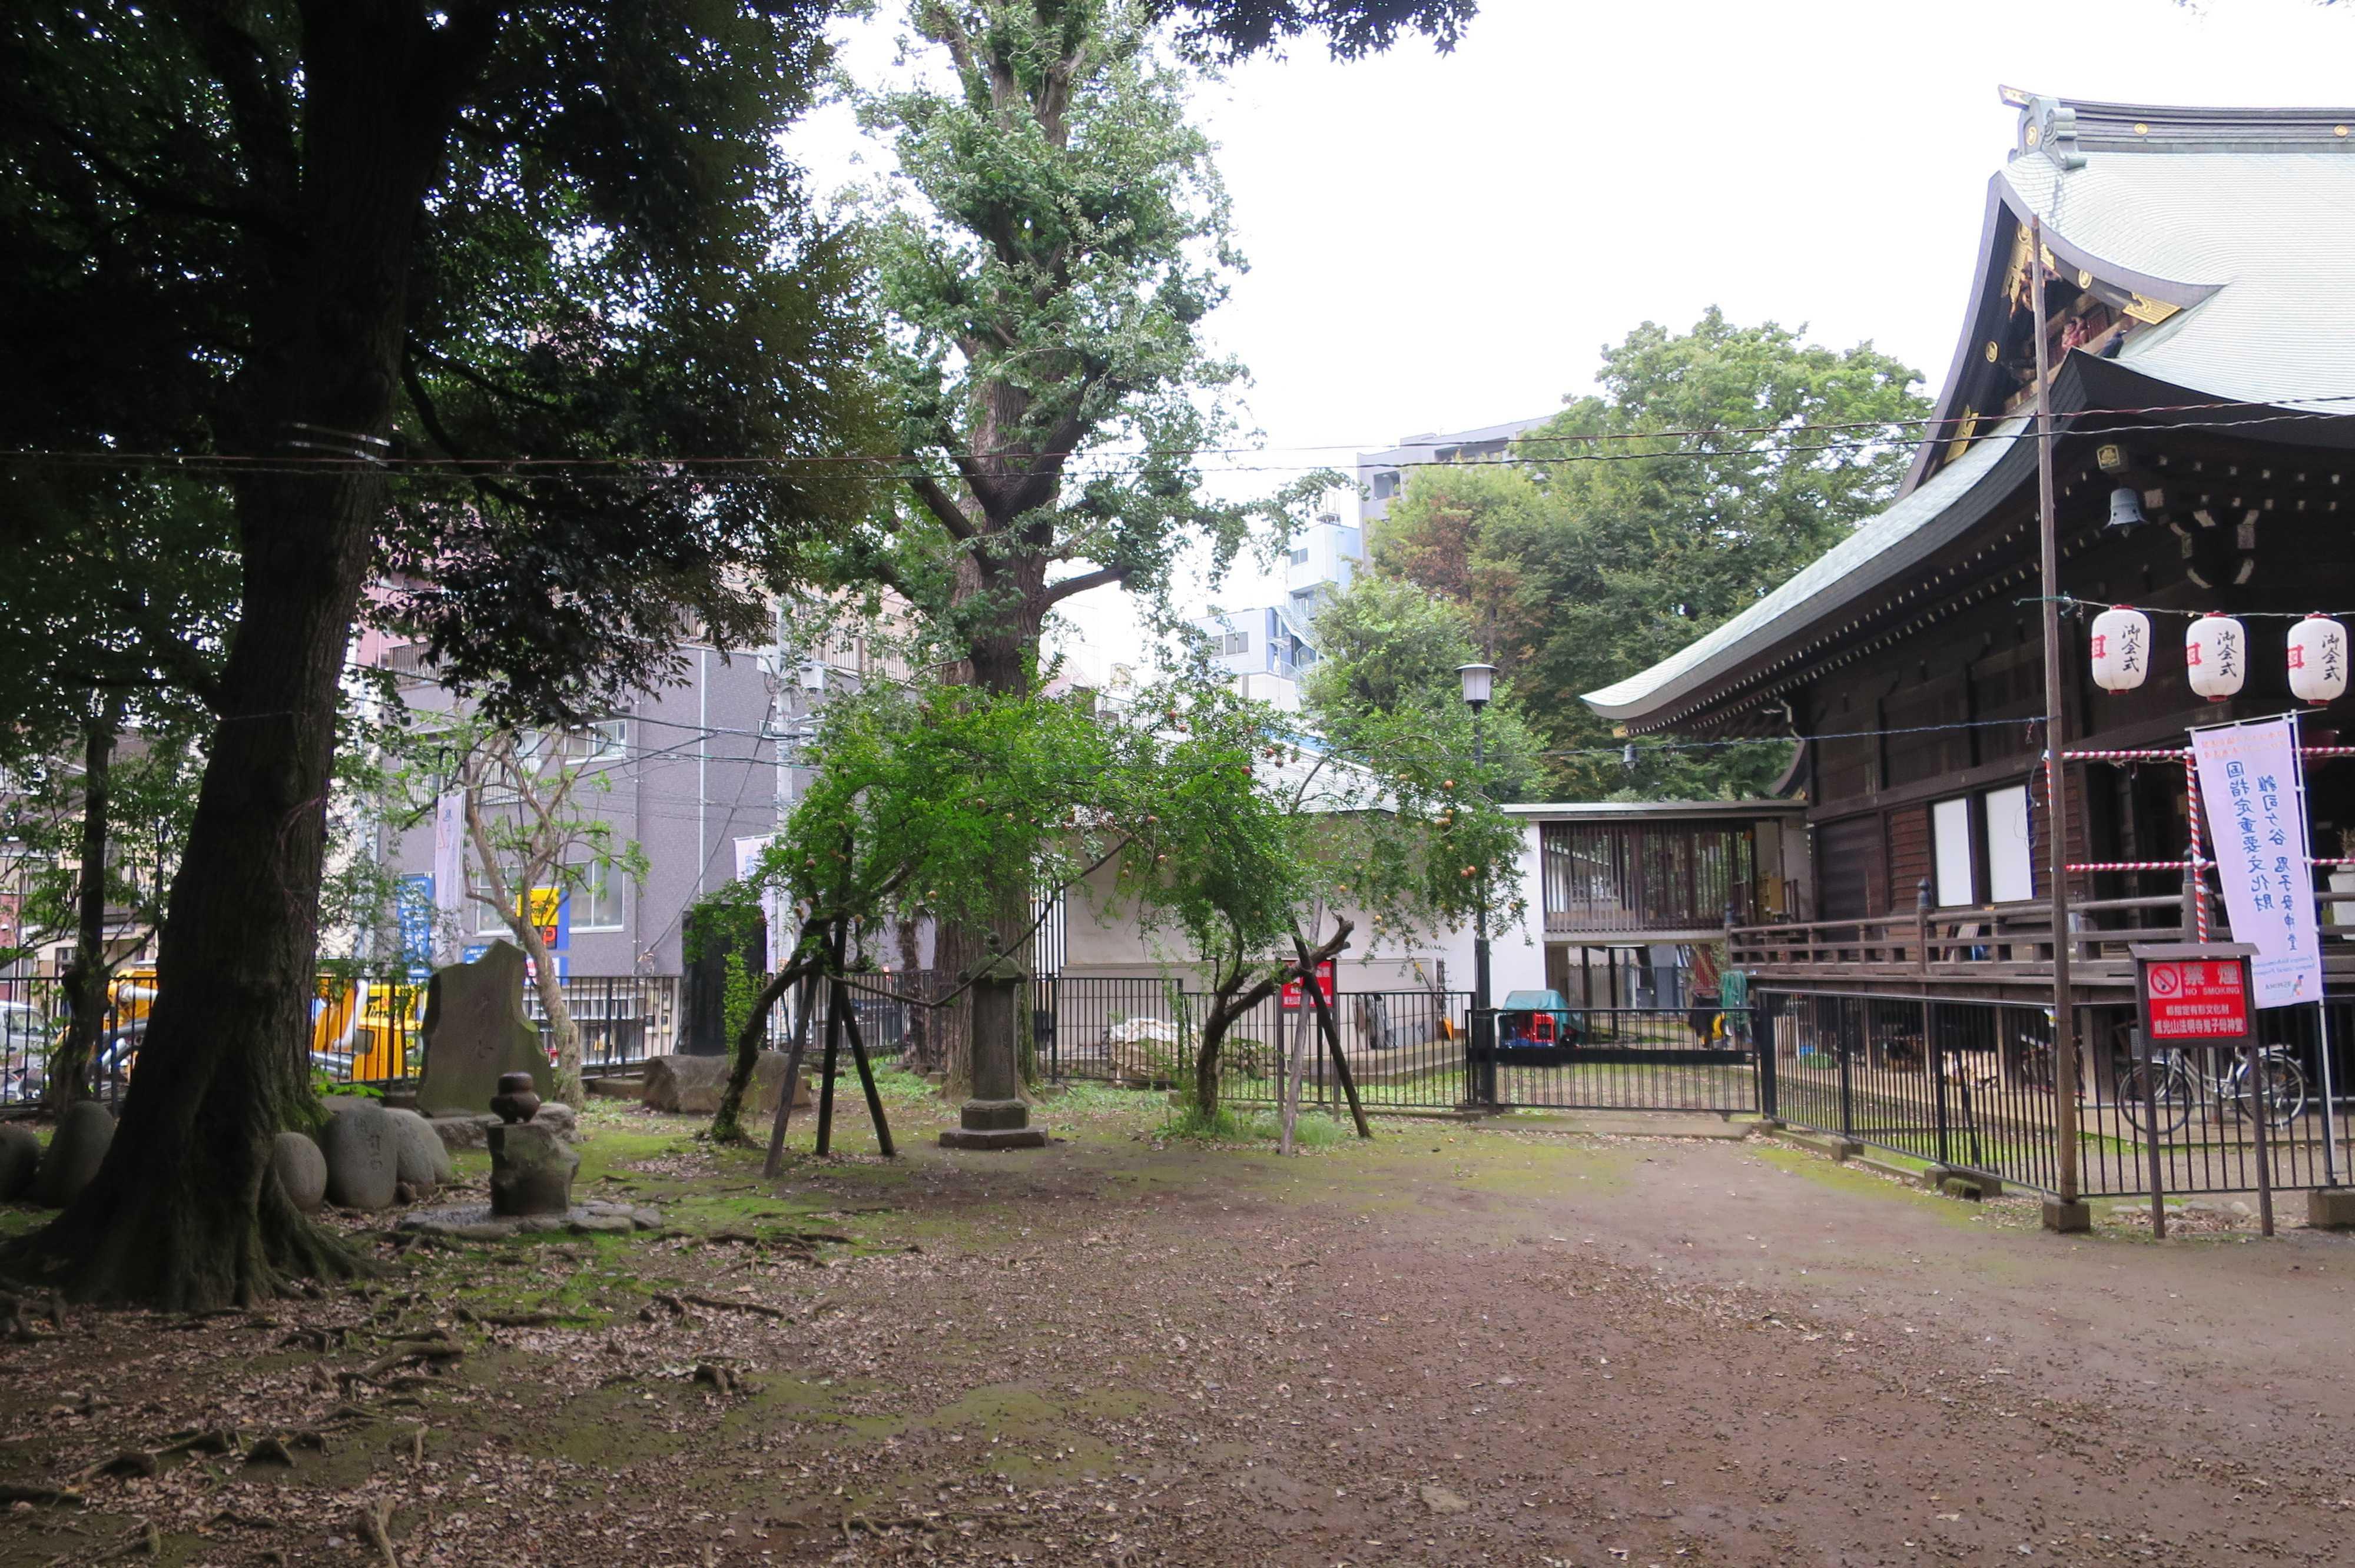 東京 雑司が谷・鬼子母神堂 - お堂の横のザクロの木